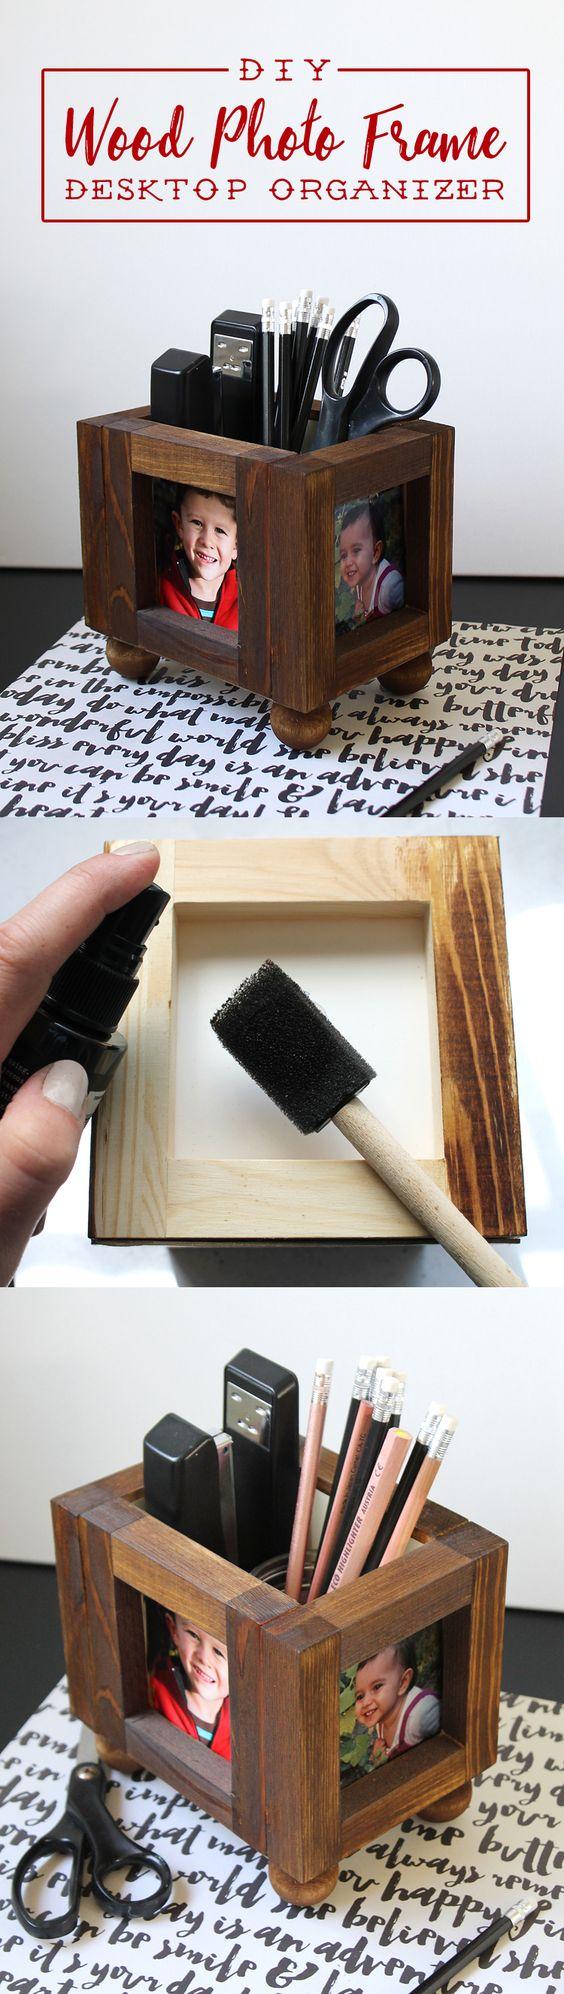 Wood Frame Organizer 2 Simphome com